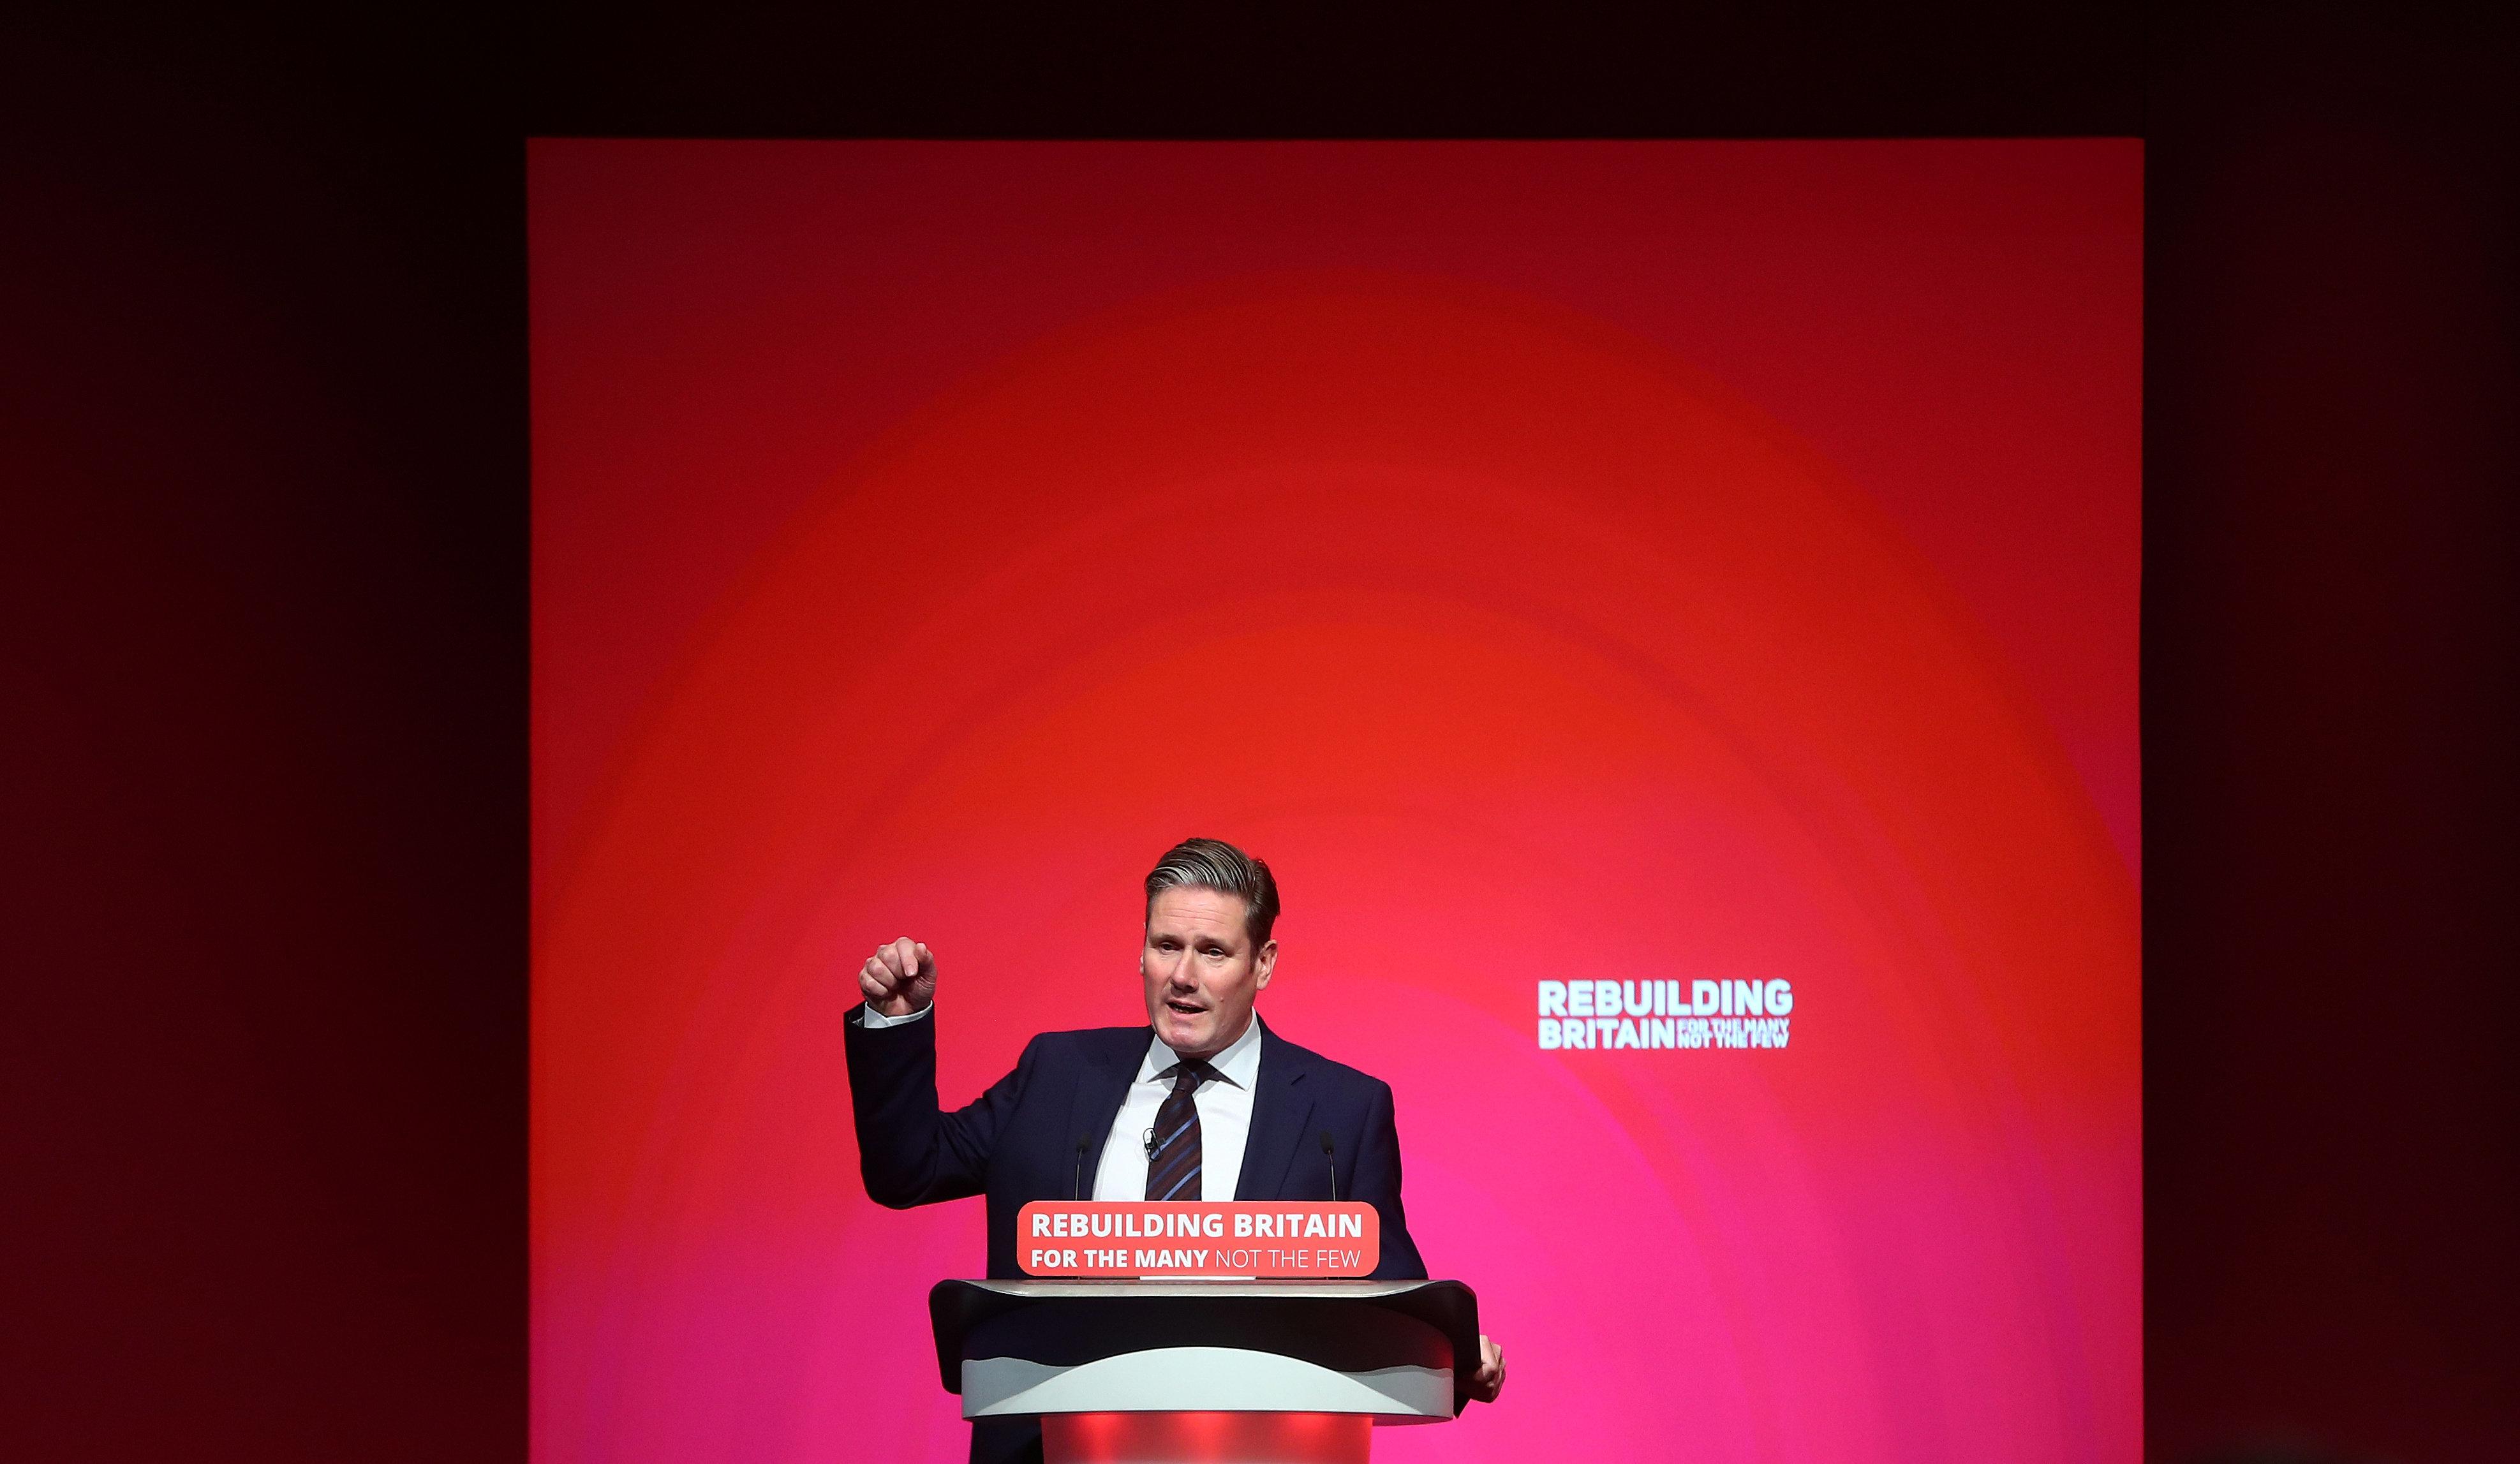 Absage des EU-Austritts? Brexit-Experte macht auf Labour-Parteitag ein folgenschweres